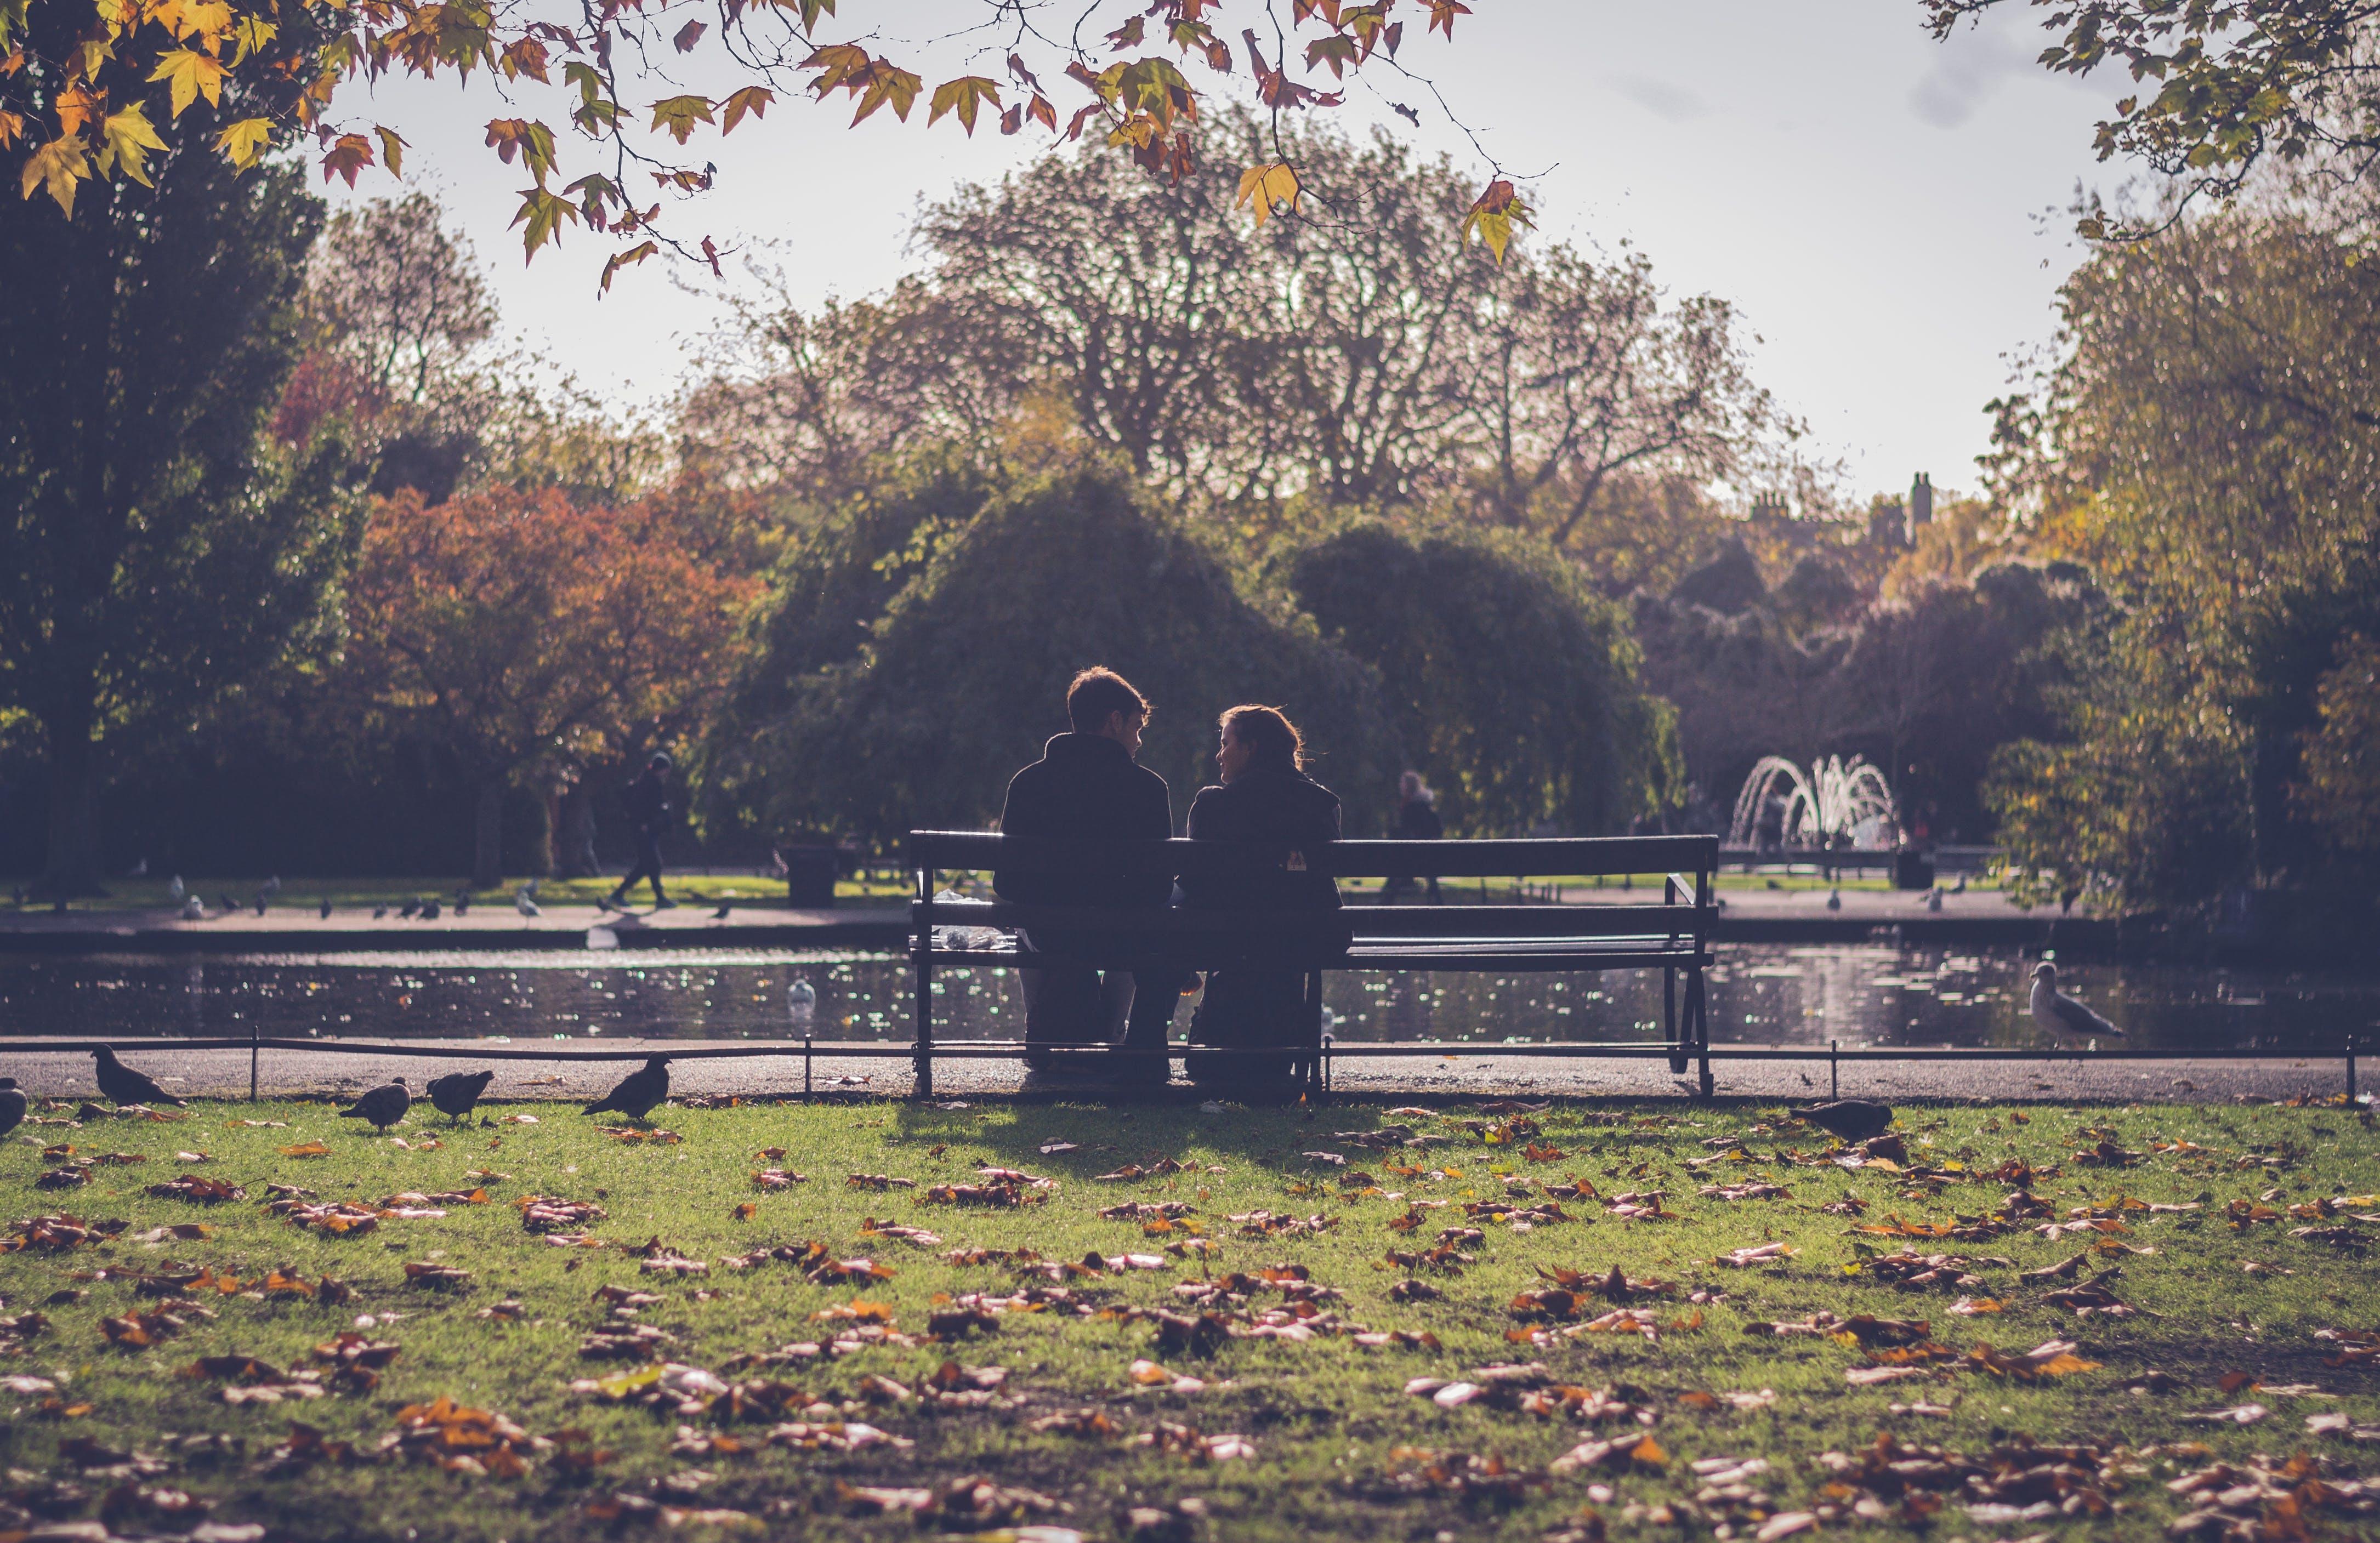 ağaçlar, akçaağaç yaprakları, Aşk, aşkını ispatla içeren Ücretsiz stok fotoğraf